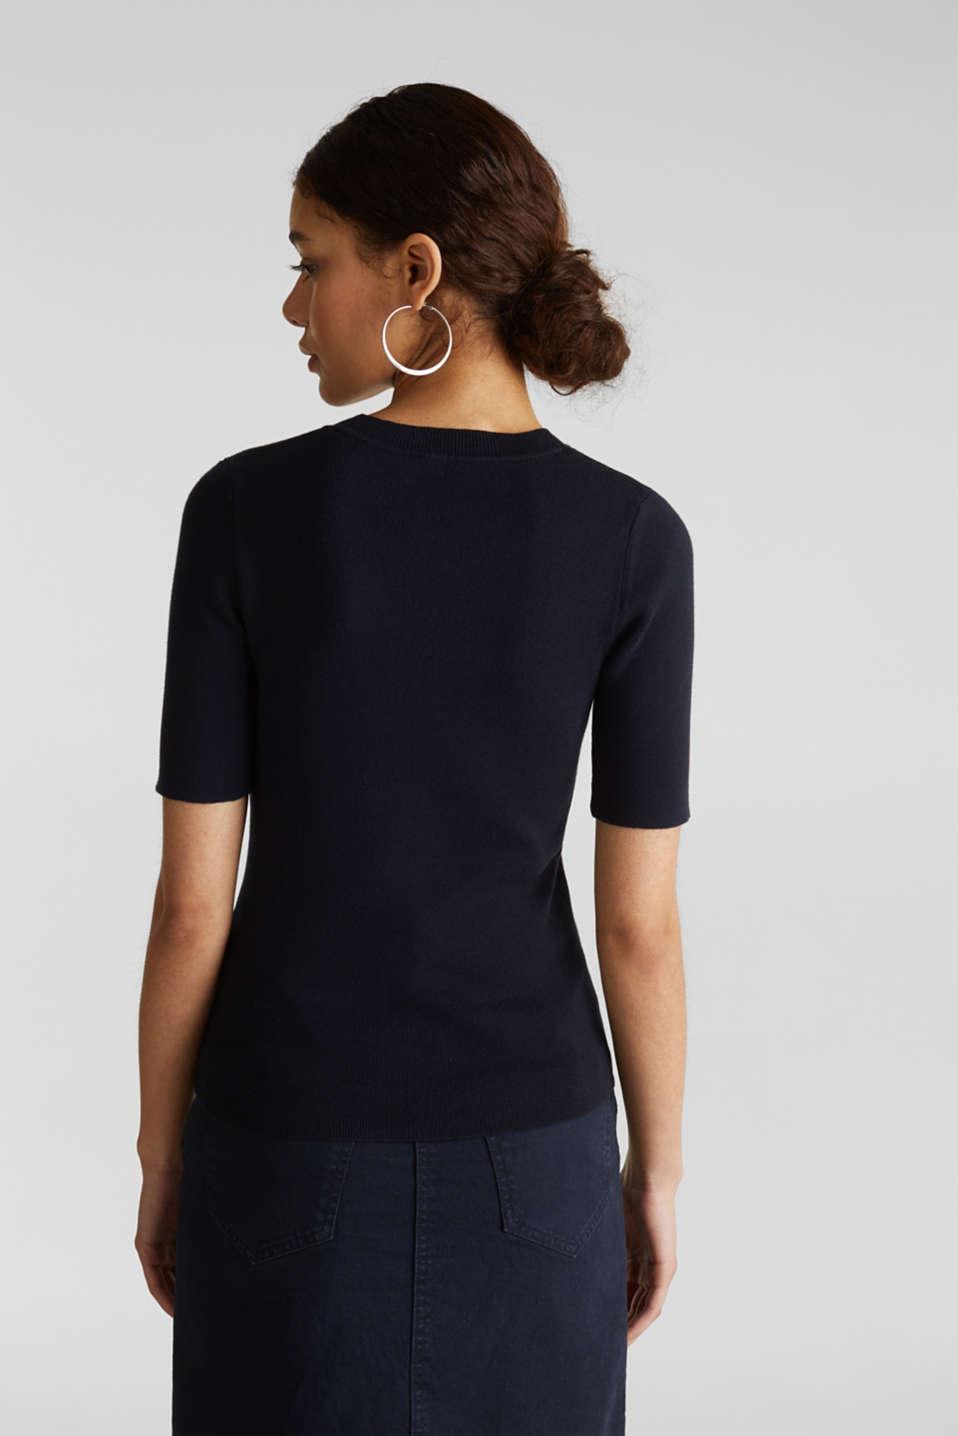 Short-sleeved jumper in blended cotton, NAVY, detail image number 3